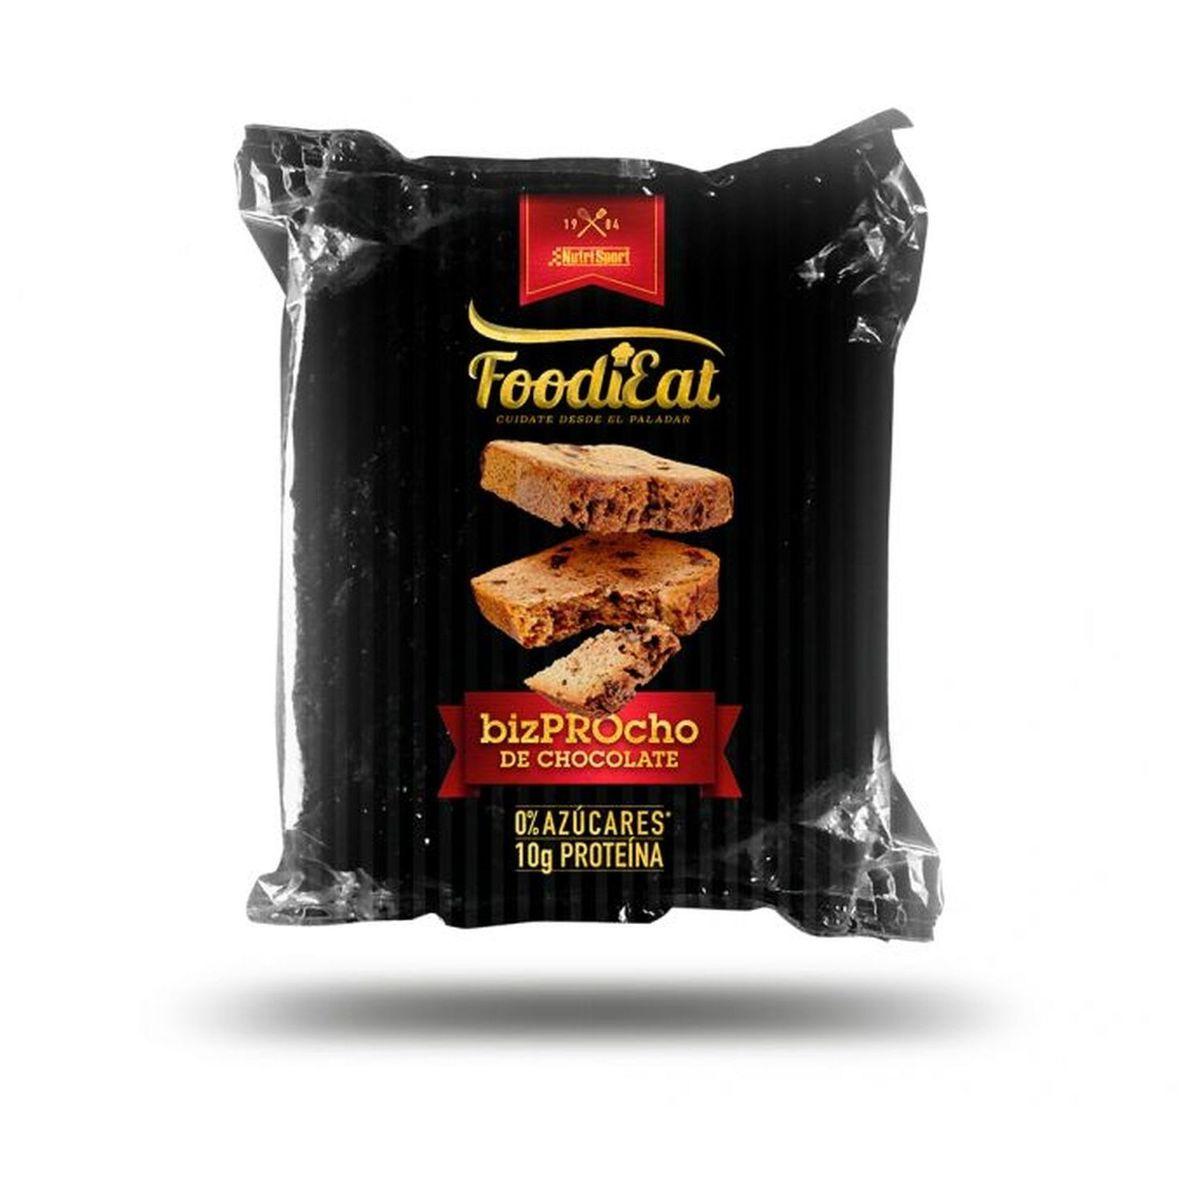 FoodiEat - BizProcho de Chocolate - 50g